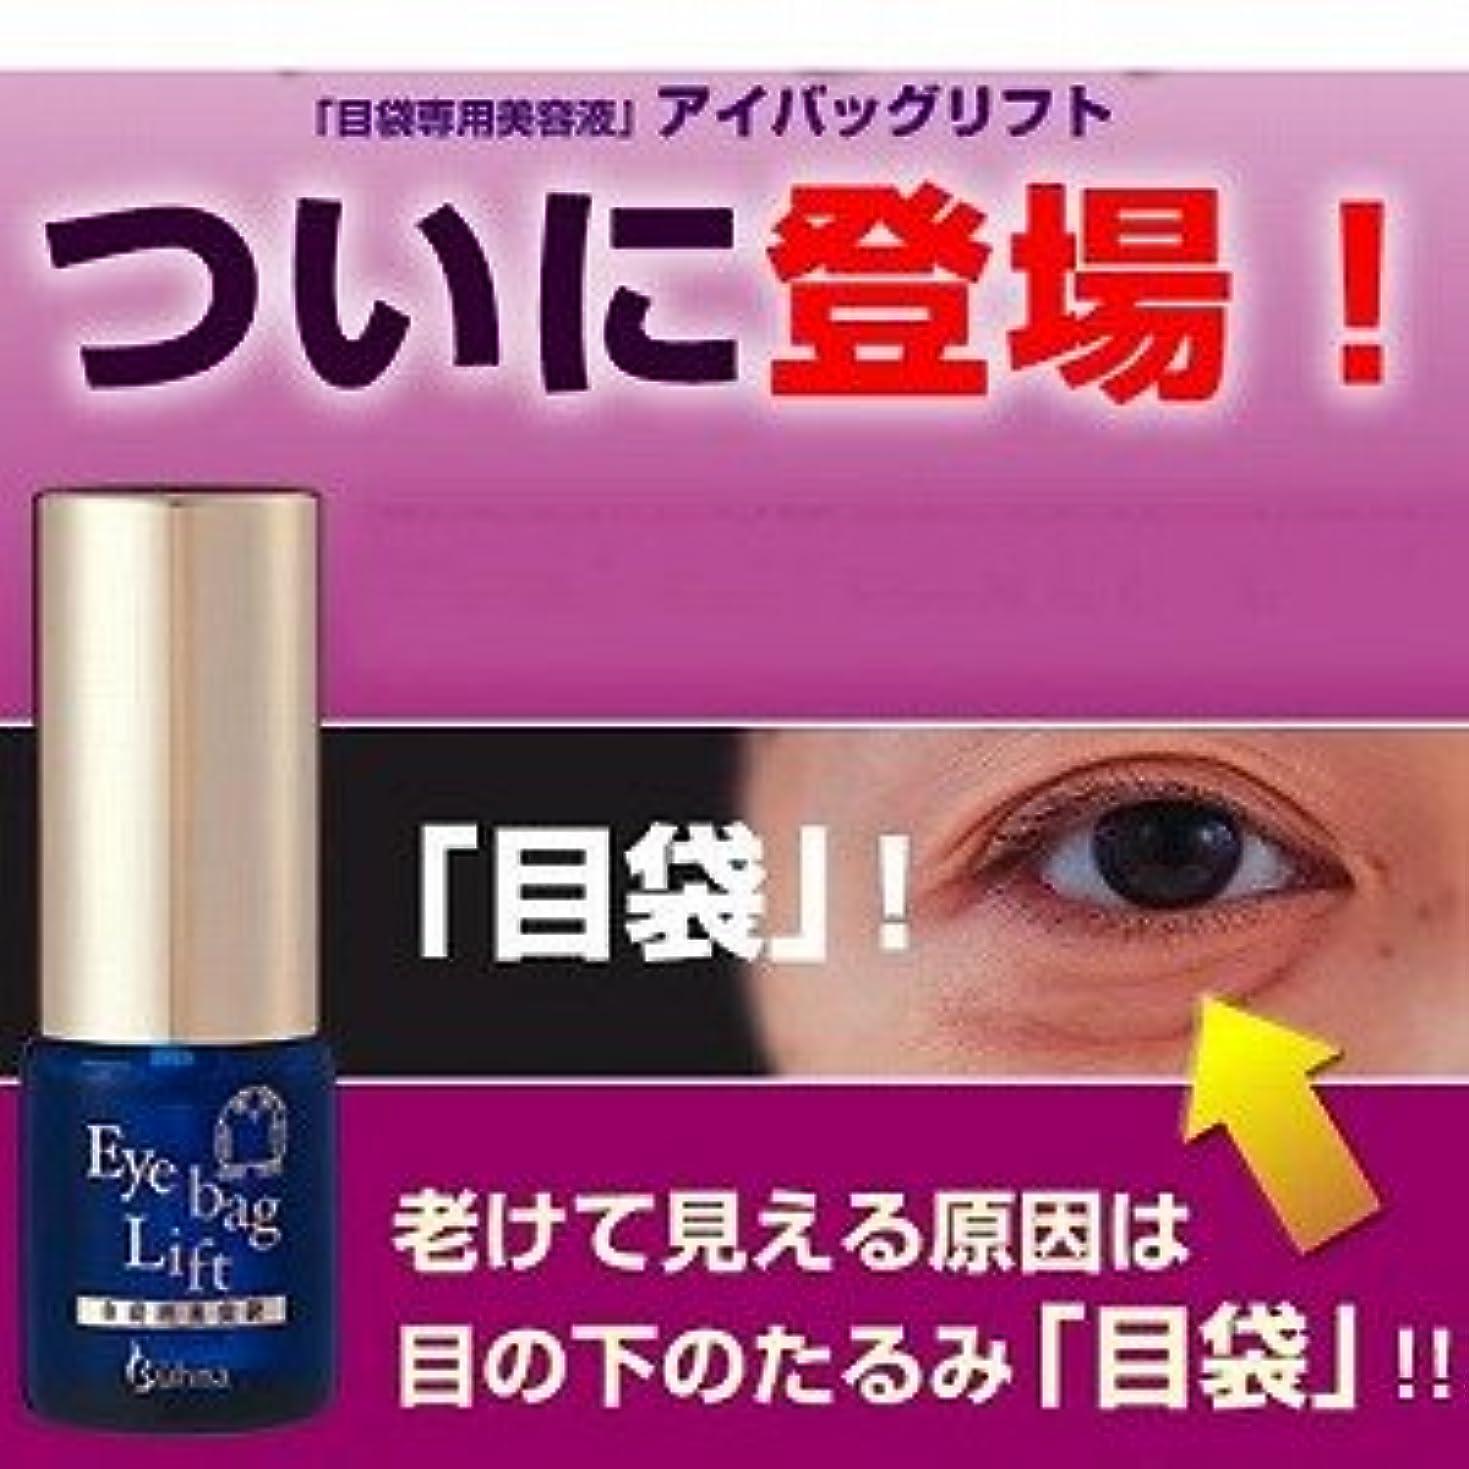 変える将来のどんよりした老けて見える原因は、目元、目の下のたるみ「目袋」『目袋専用美容液 アイバッグリフト』